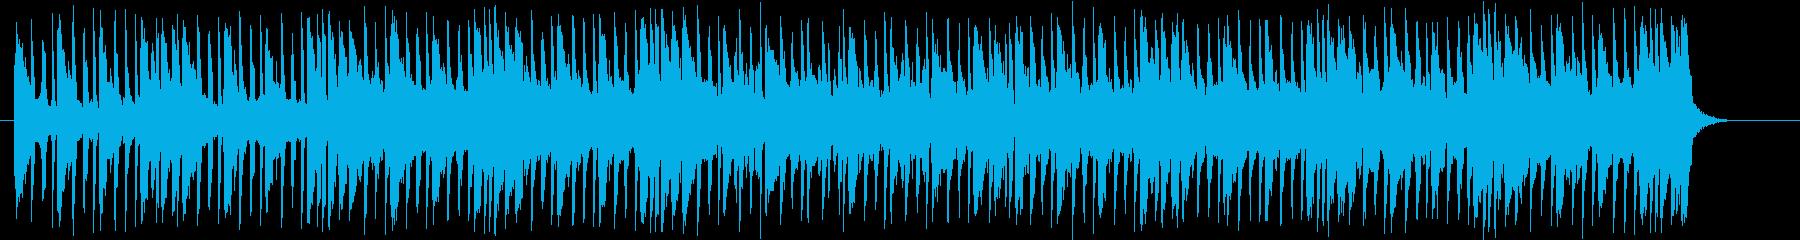 メローで軽快なシンセサウンドの再生済みの波形